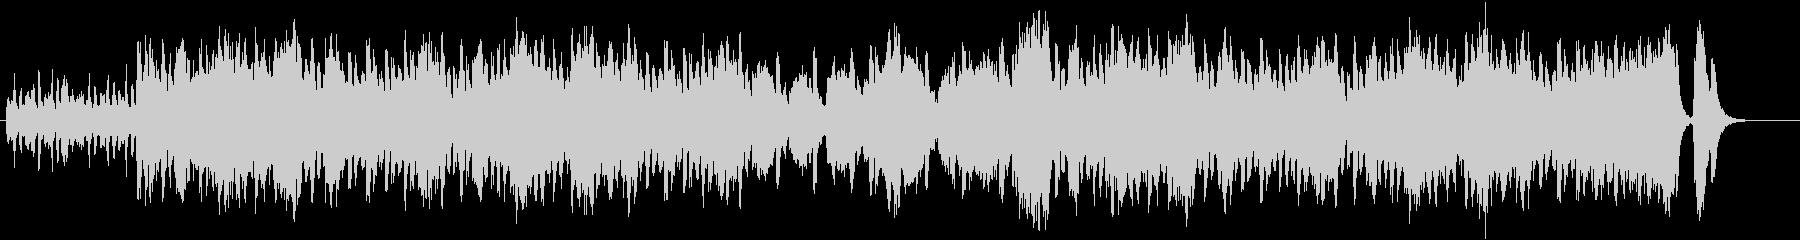 少し怪しげなバイオリンのワルツ B22の未再生の波形